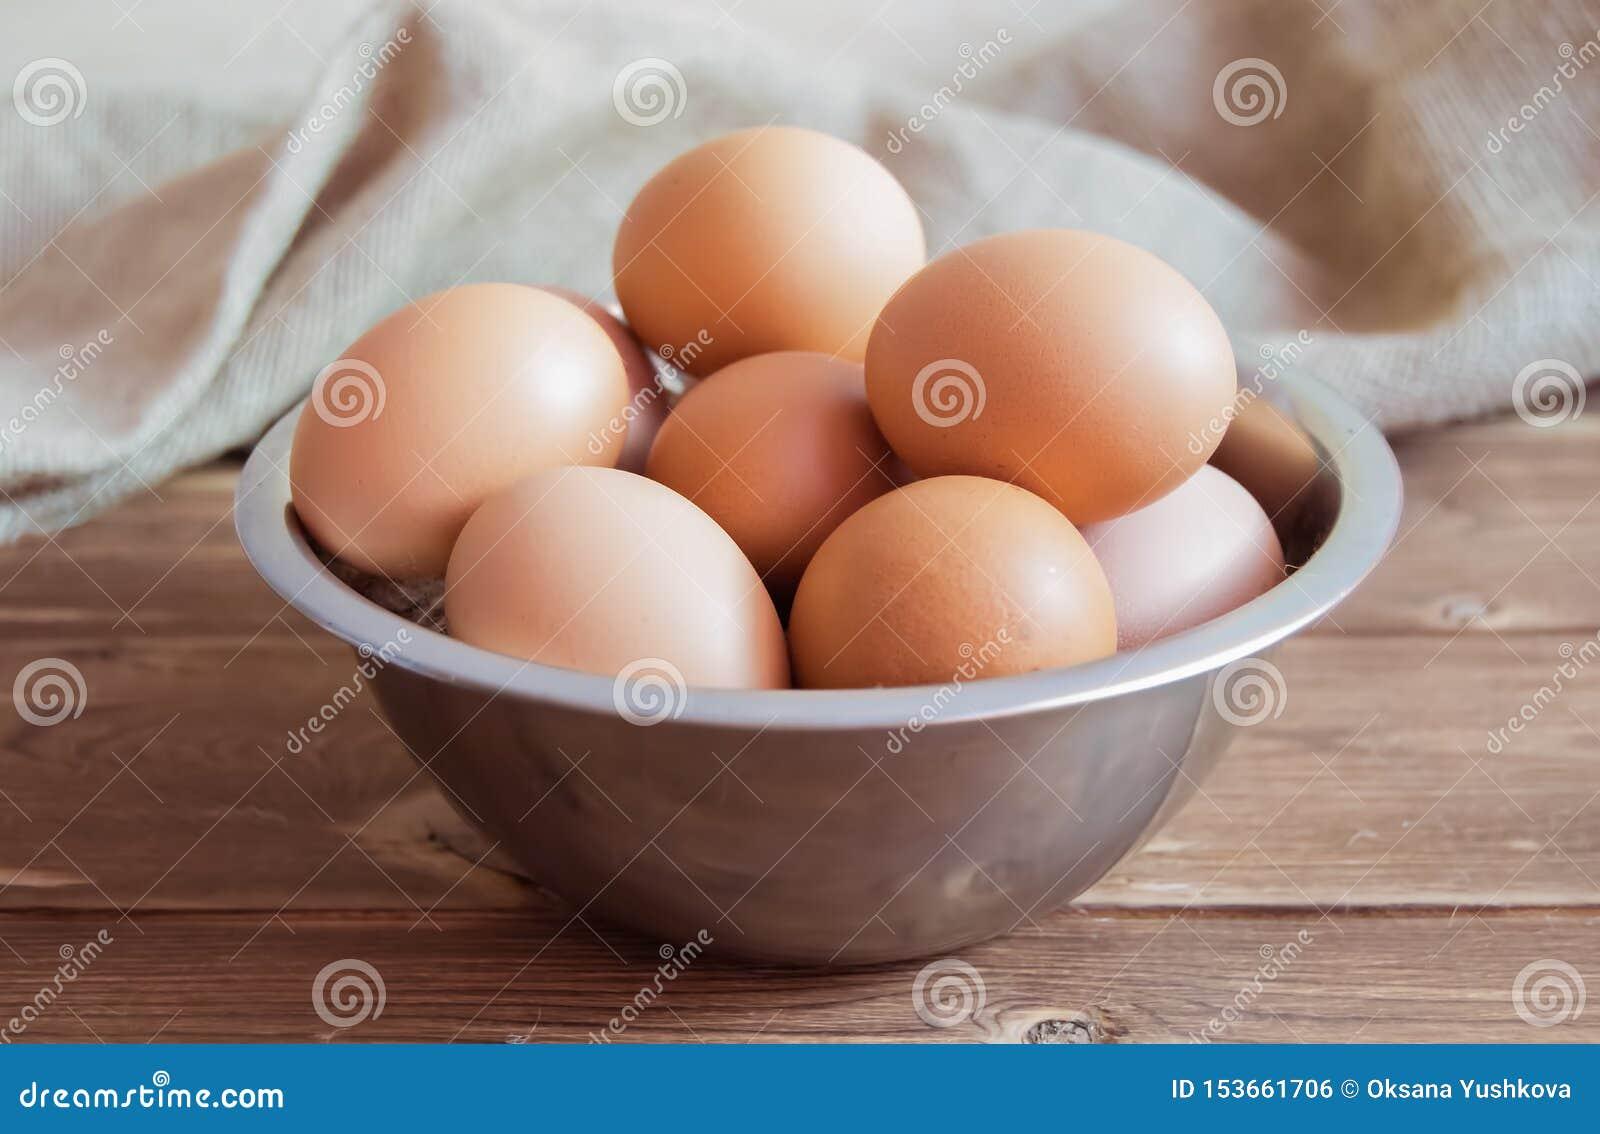 Αυγά κοτόπουλου σε ένα κύπελλο μετάλλων σε έναν ξύλινο πίνακα